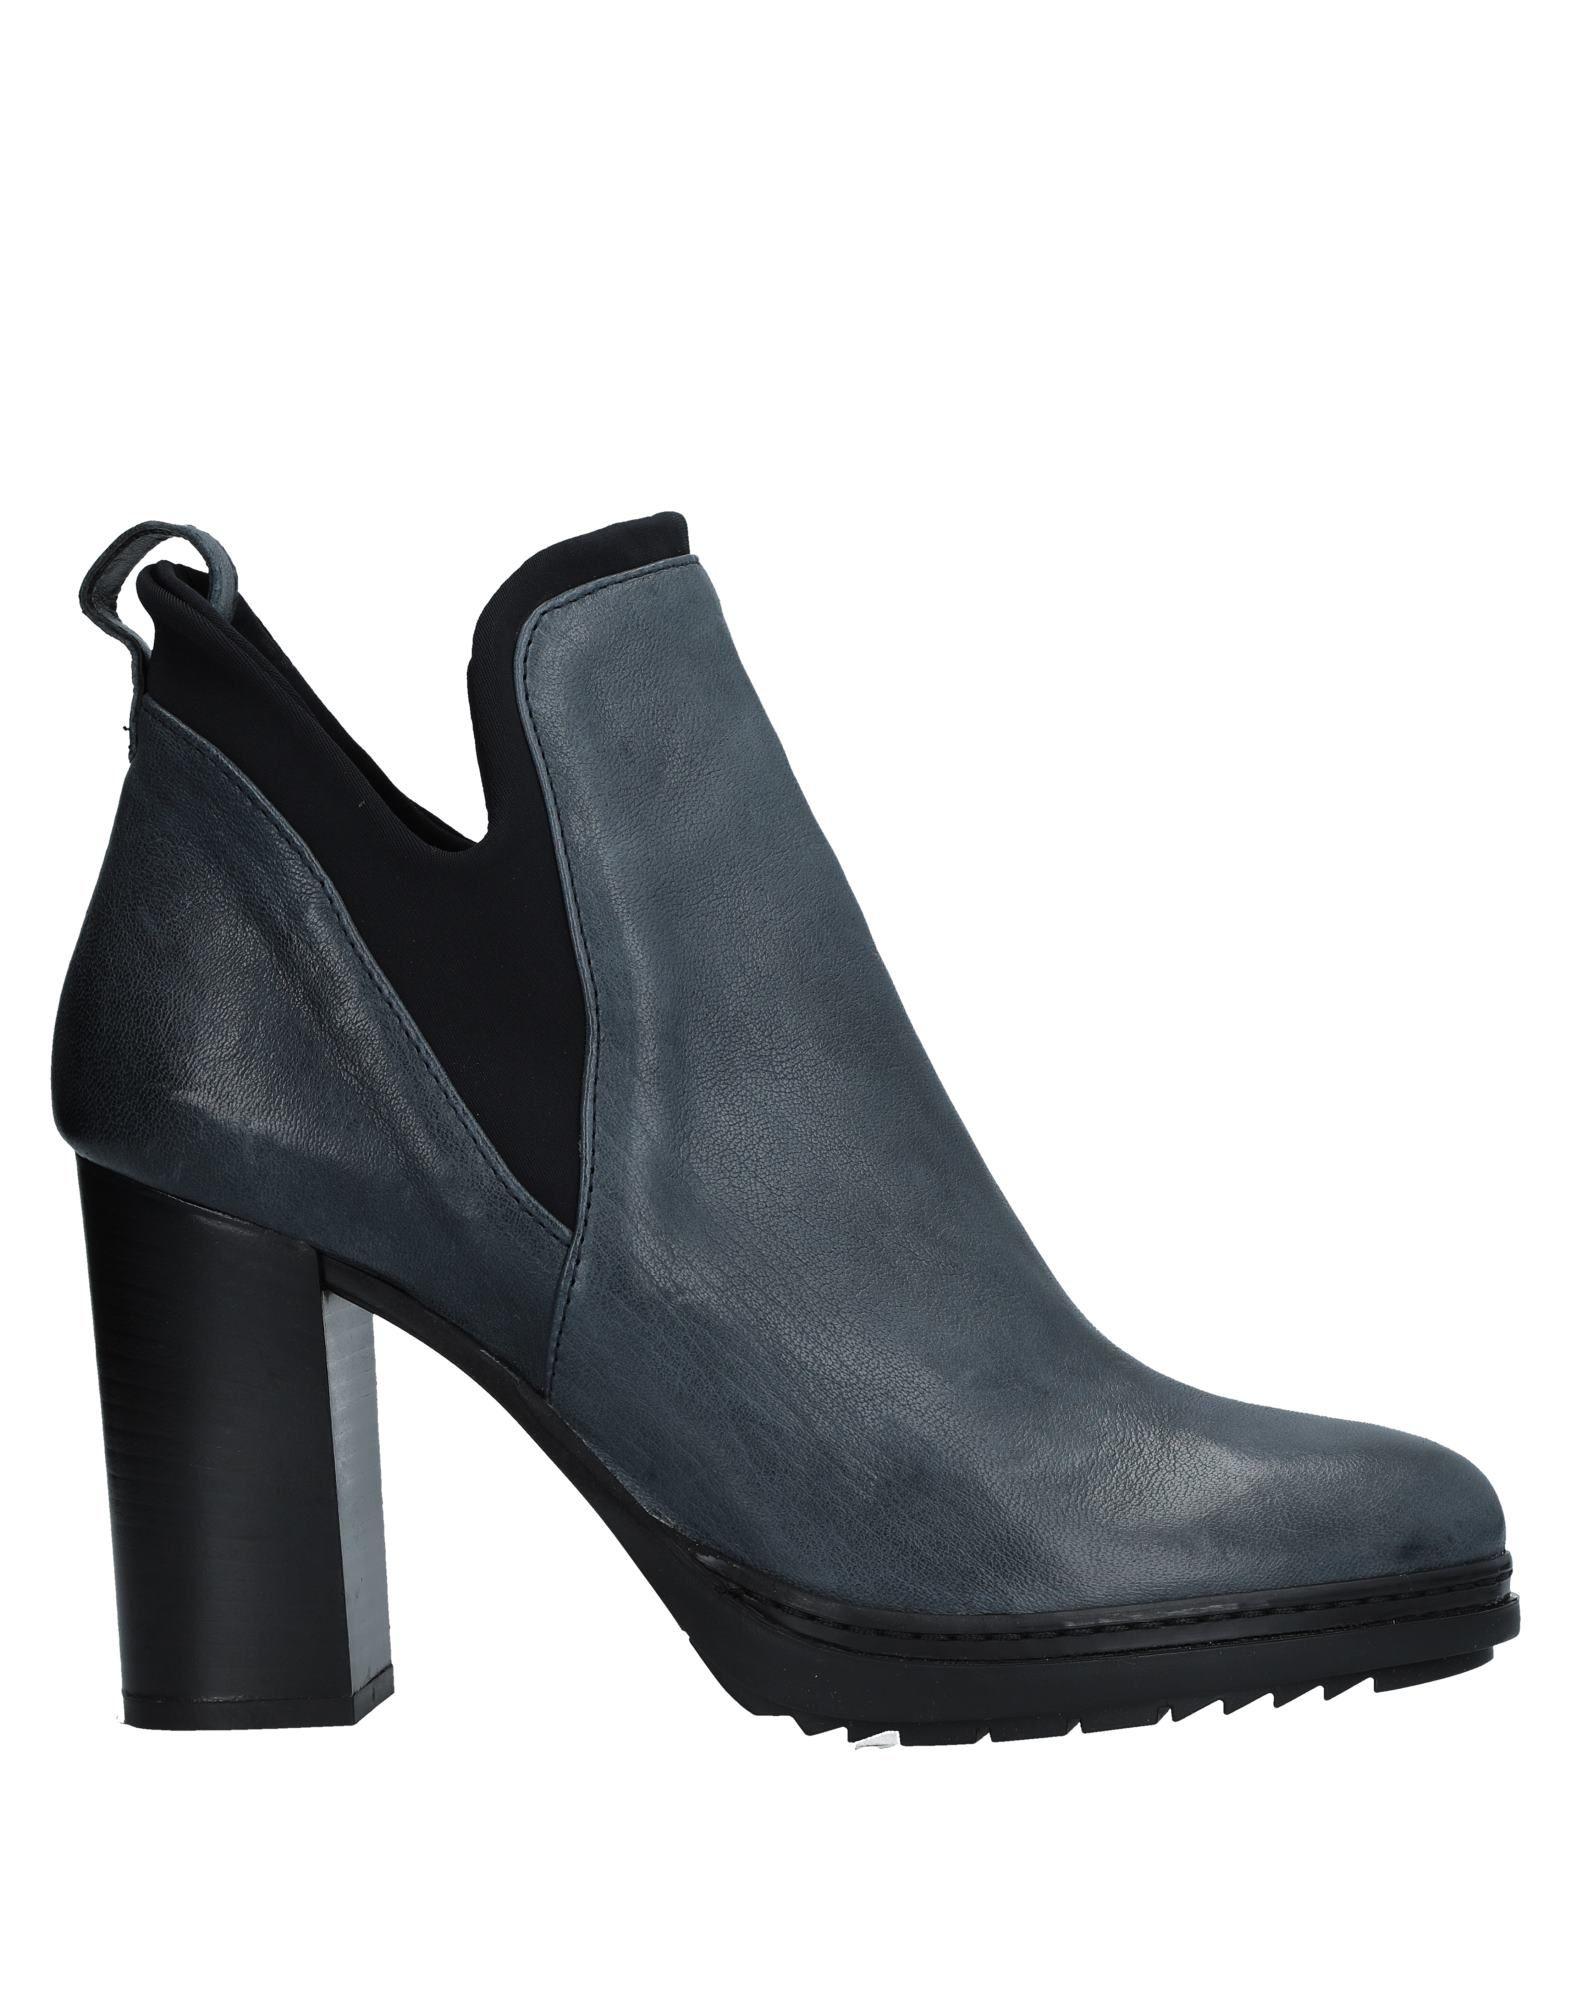 Peperosa Stiefelette Damen  11534620KO Gute Qualität beliebte Schuhe